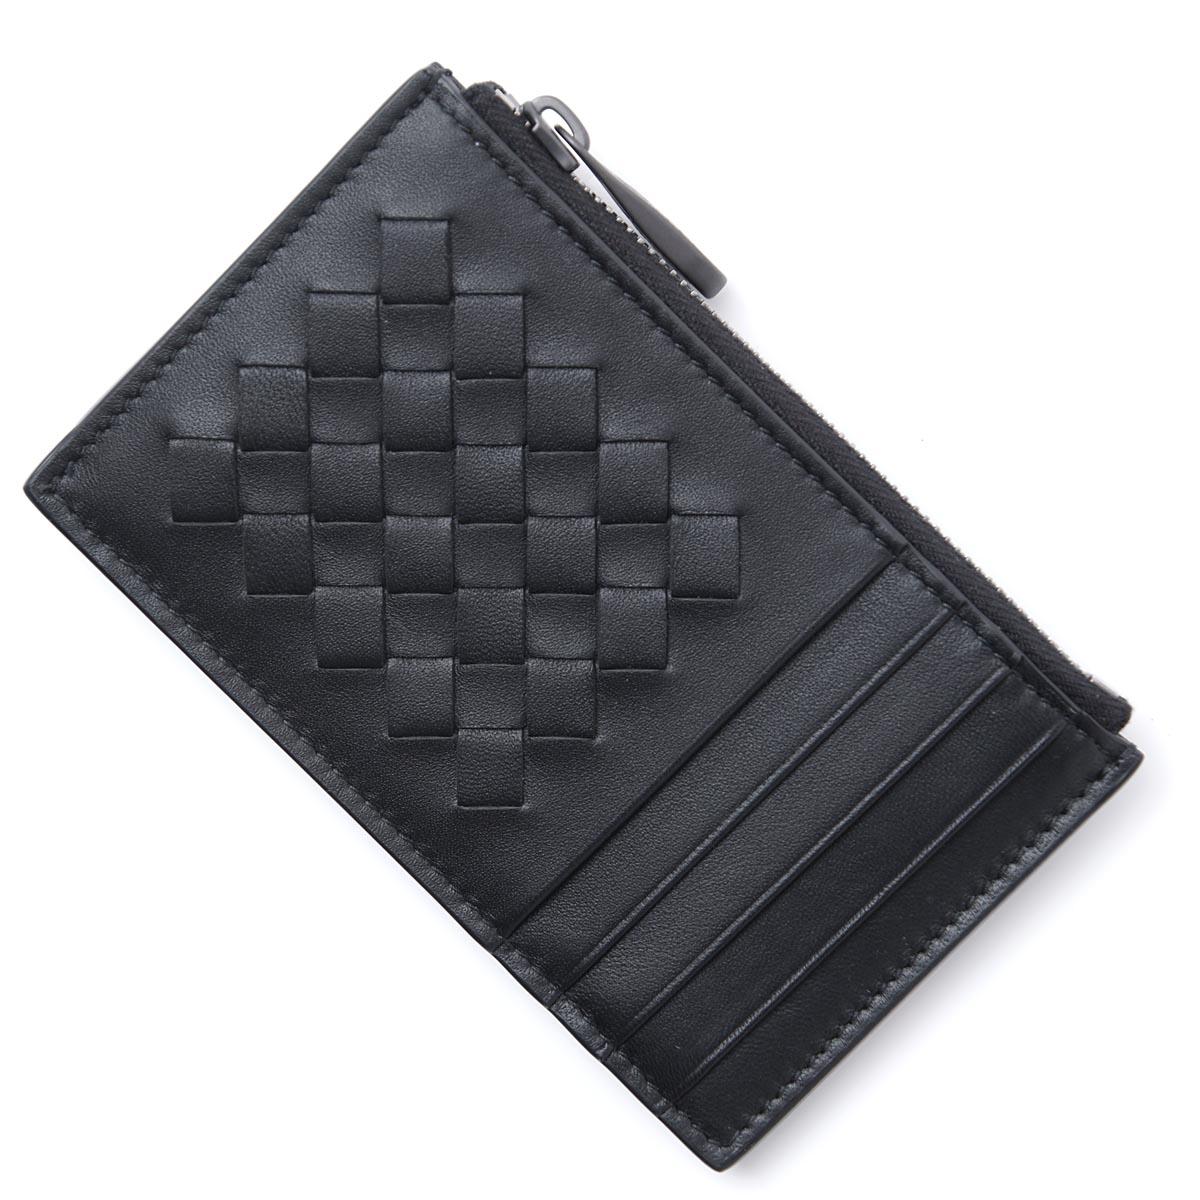 ボッテガヴェネタ BOTTEGA VENETA カードケース ブラック メンズ 財布 ウォレット ギフト プレゼント 543646 v1eed 1000 NAPPA ナッパ【ラッピング無料】【返品送料無料】【181128】【あす楽対応_関東】